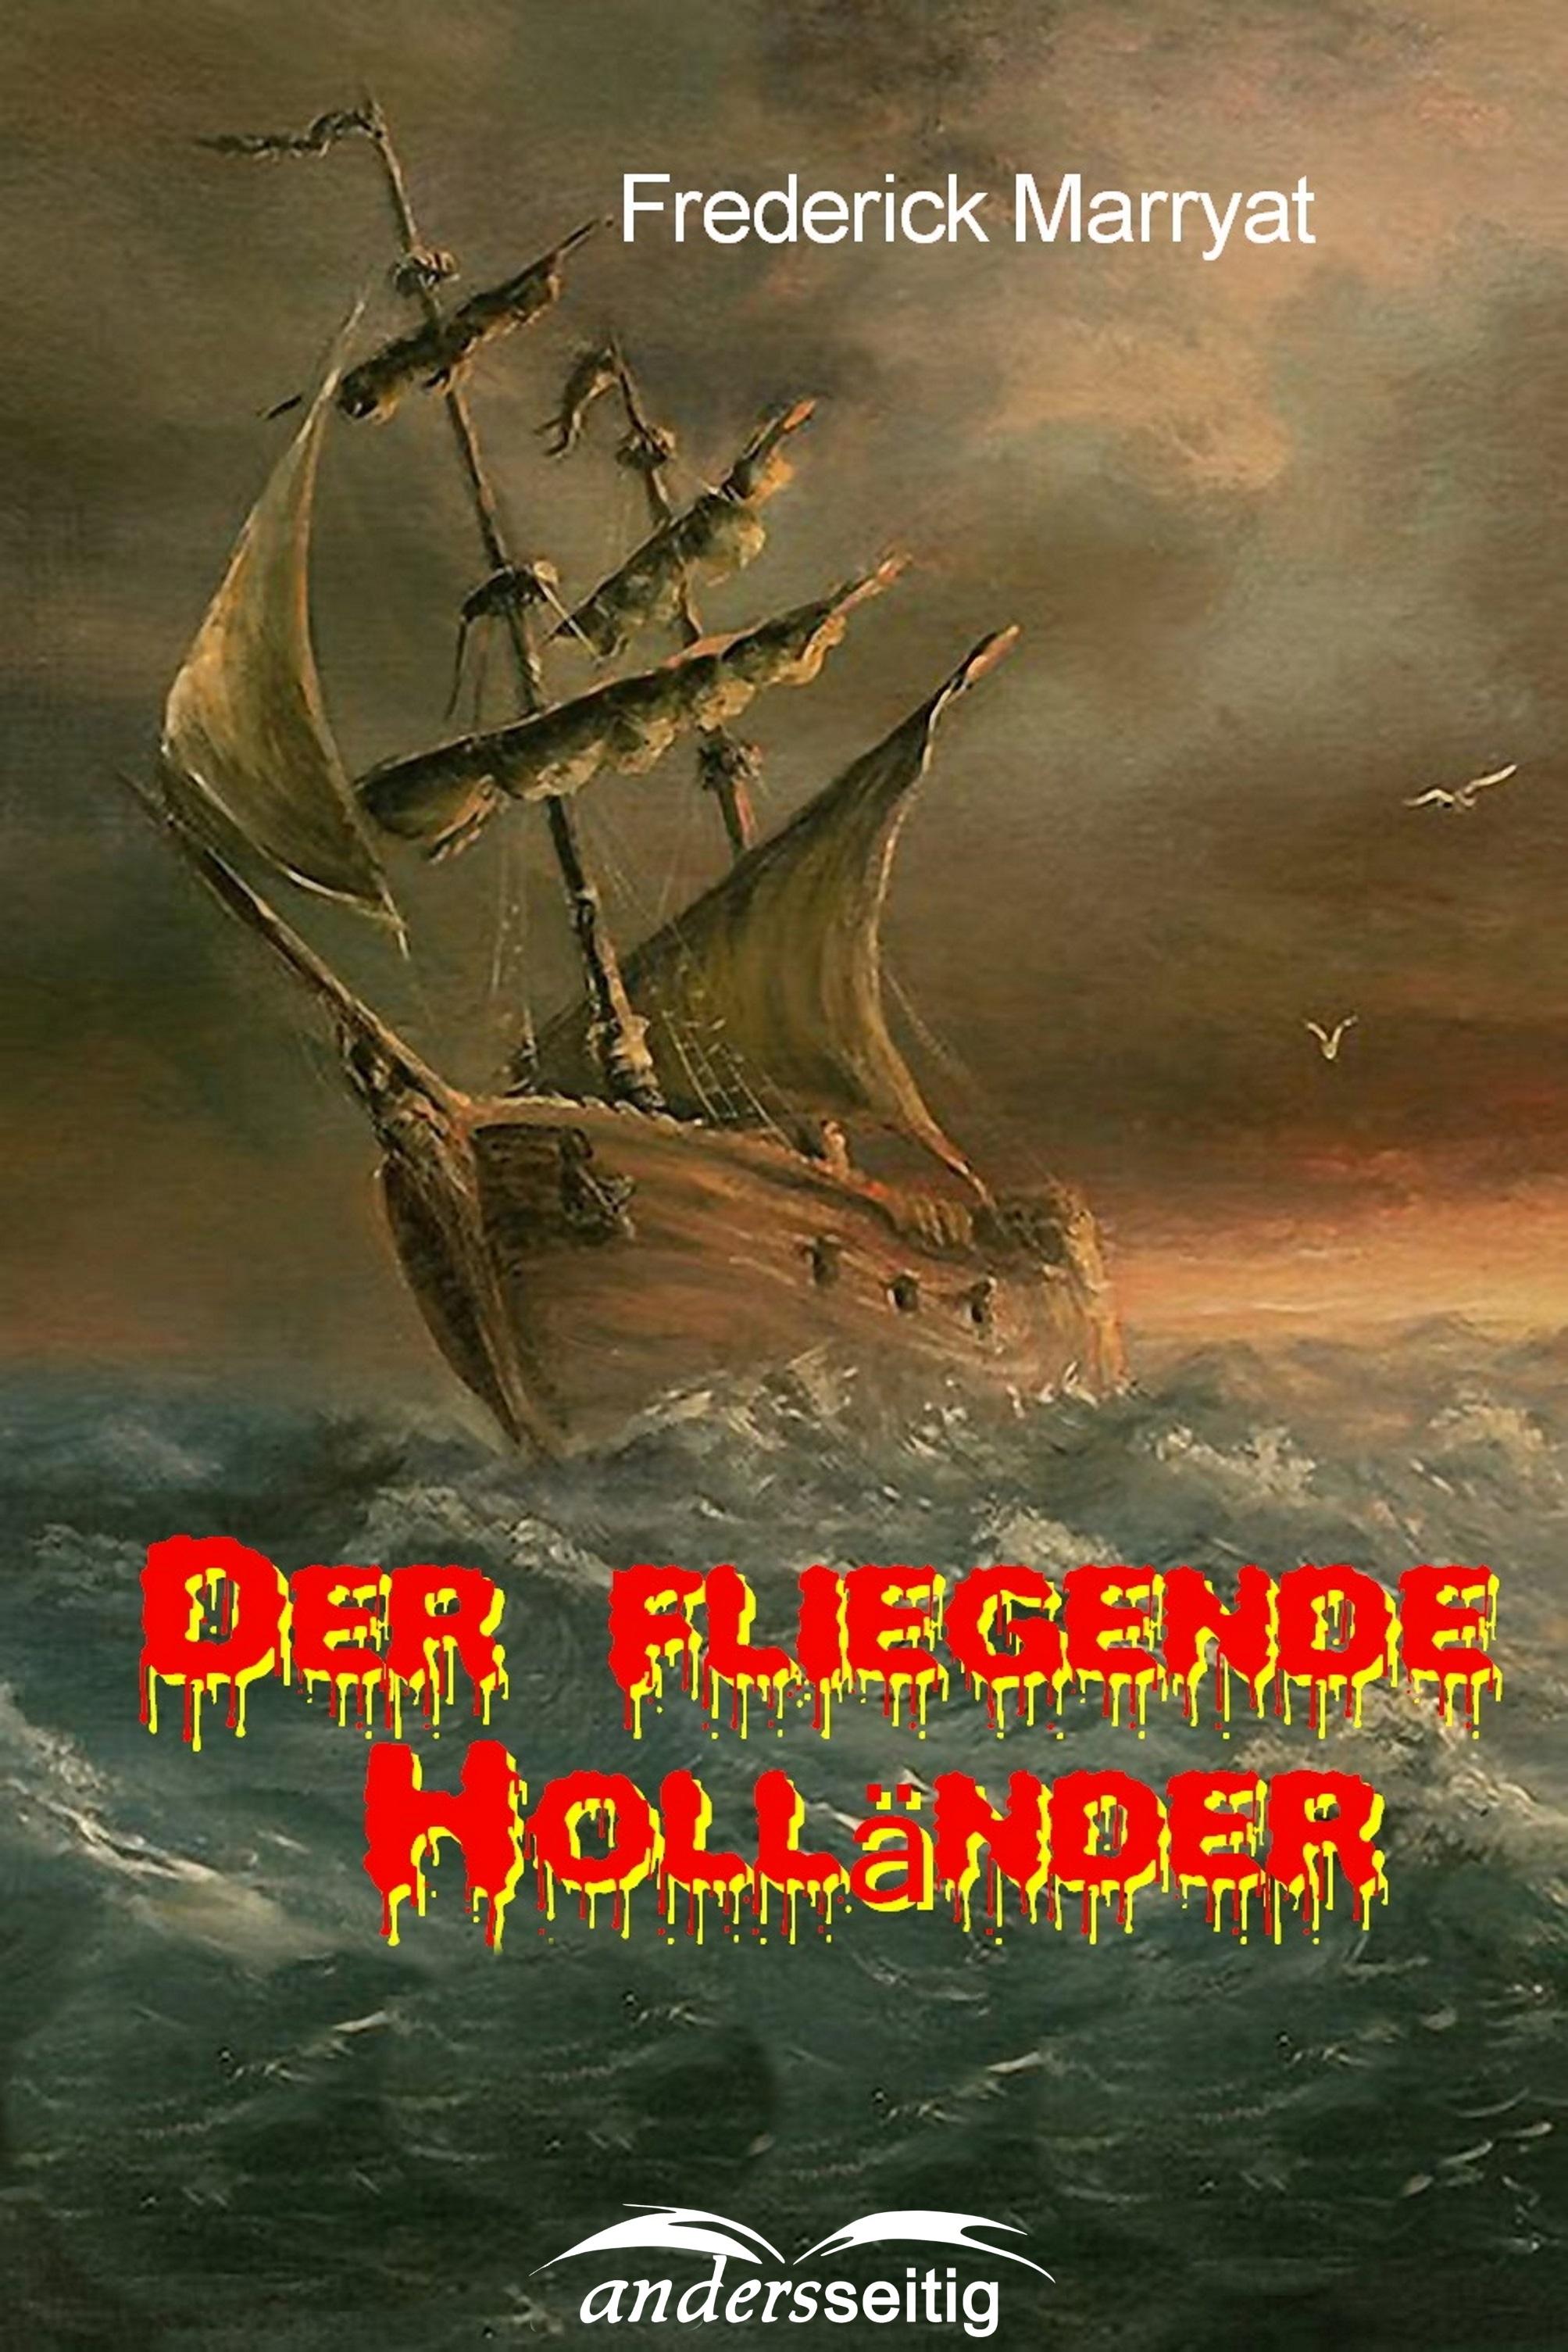 Frederick Marryat Der fliegende Holländer